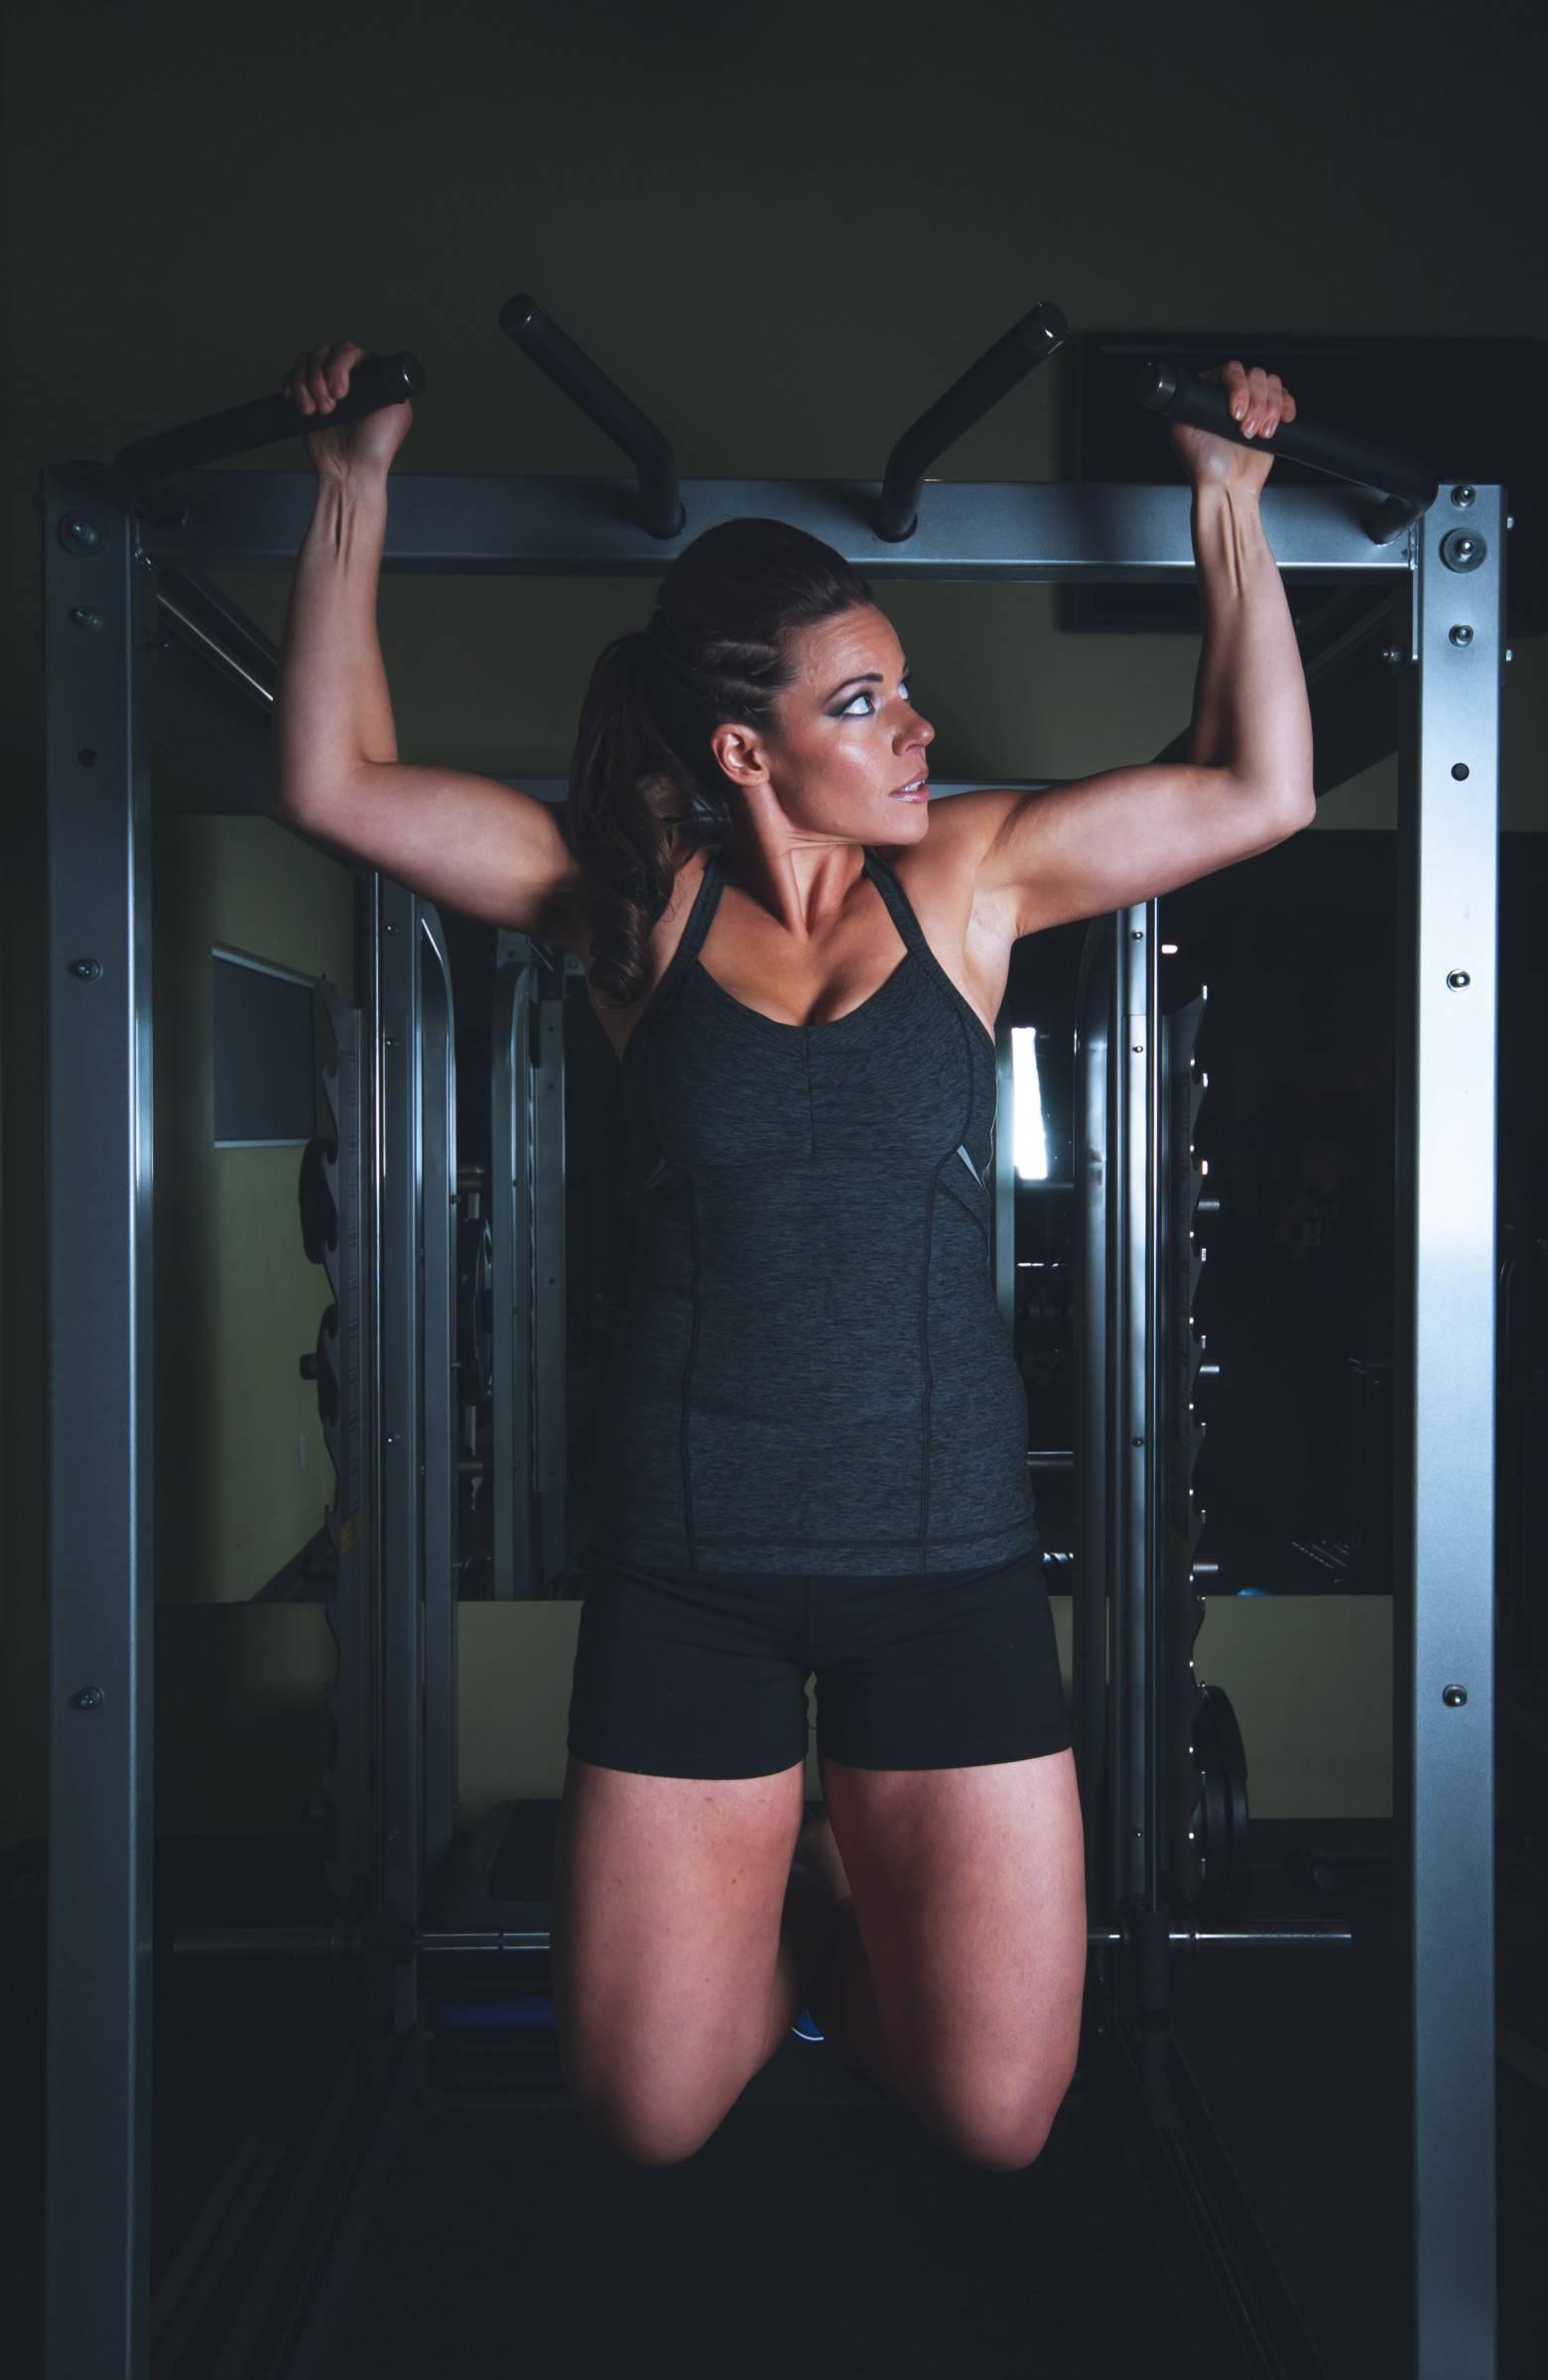 jeune-femme-remise-en-forme-et-musculation-images-photos-gratuites-1560x2399.jpg